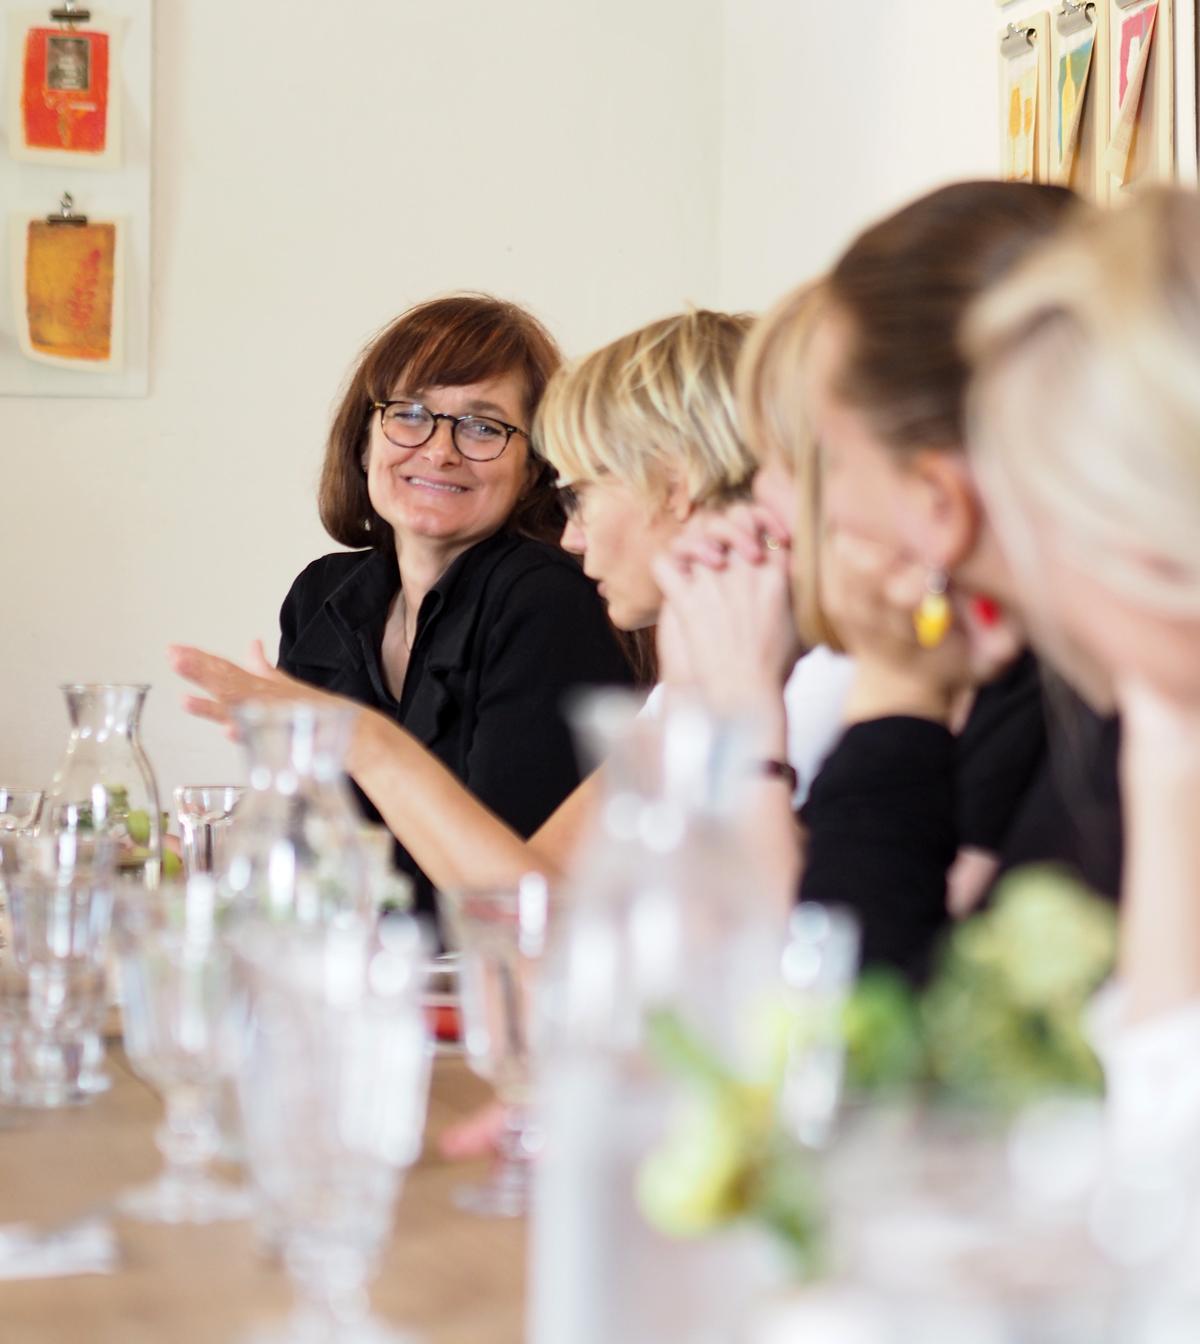 Ihmisiä pöydän ääressä, pöydällä laseja ja pulloja.